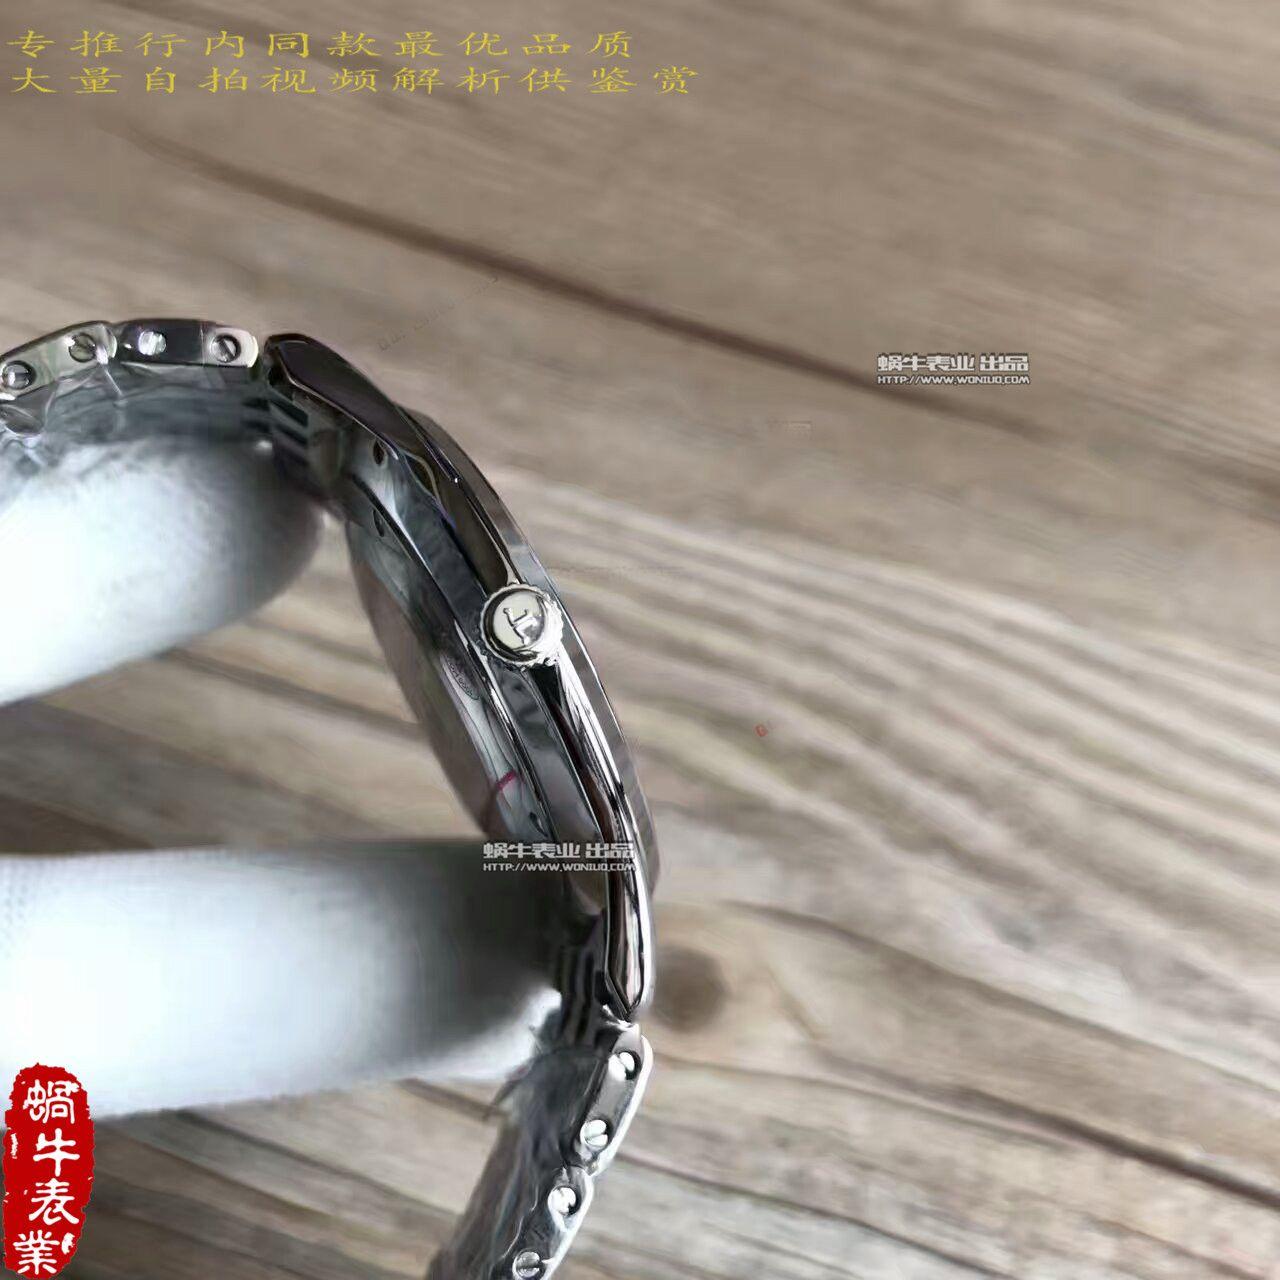 【台湾厂一比一复刻手表】积家超薄大师系列Q1338421腕表 / JJ097